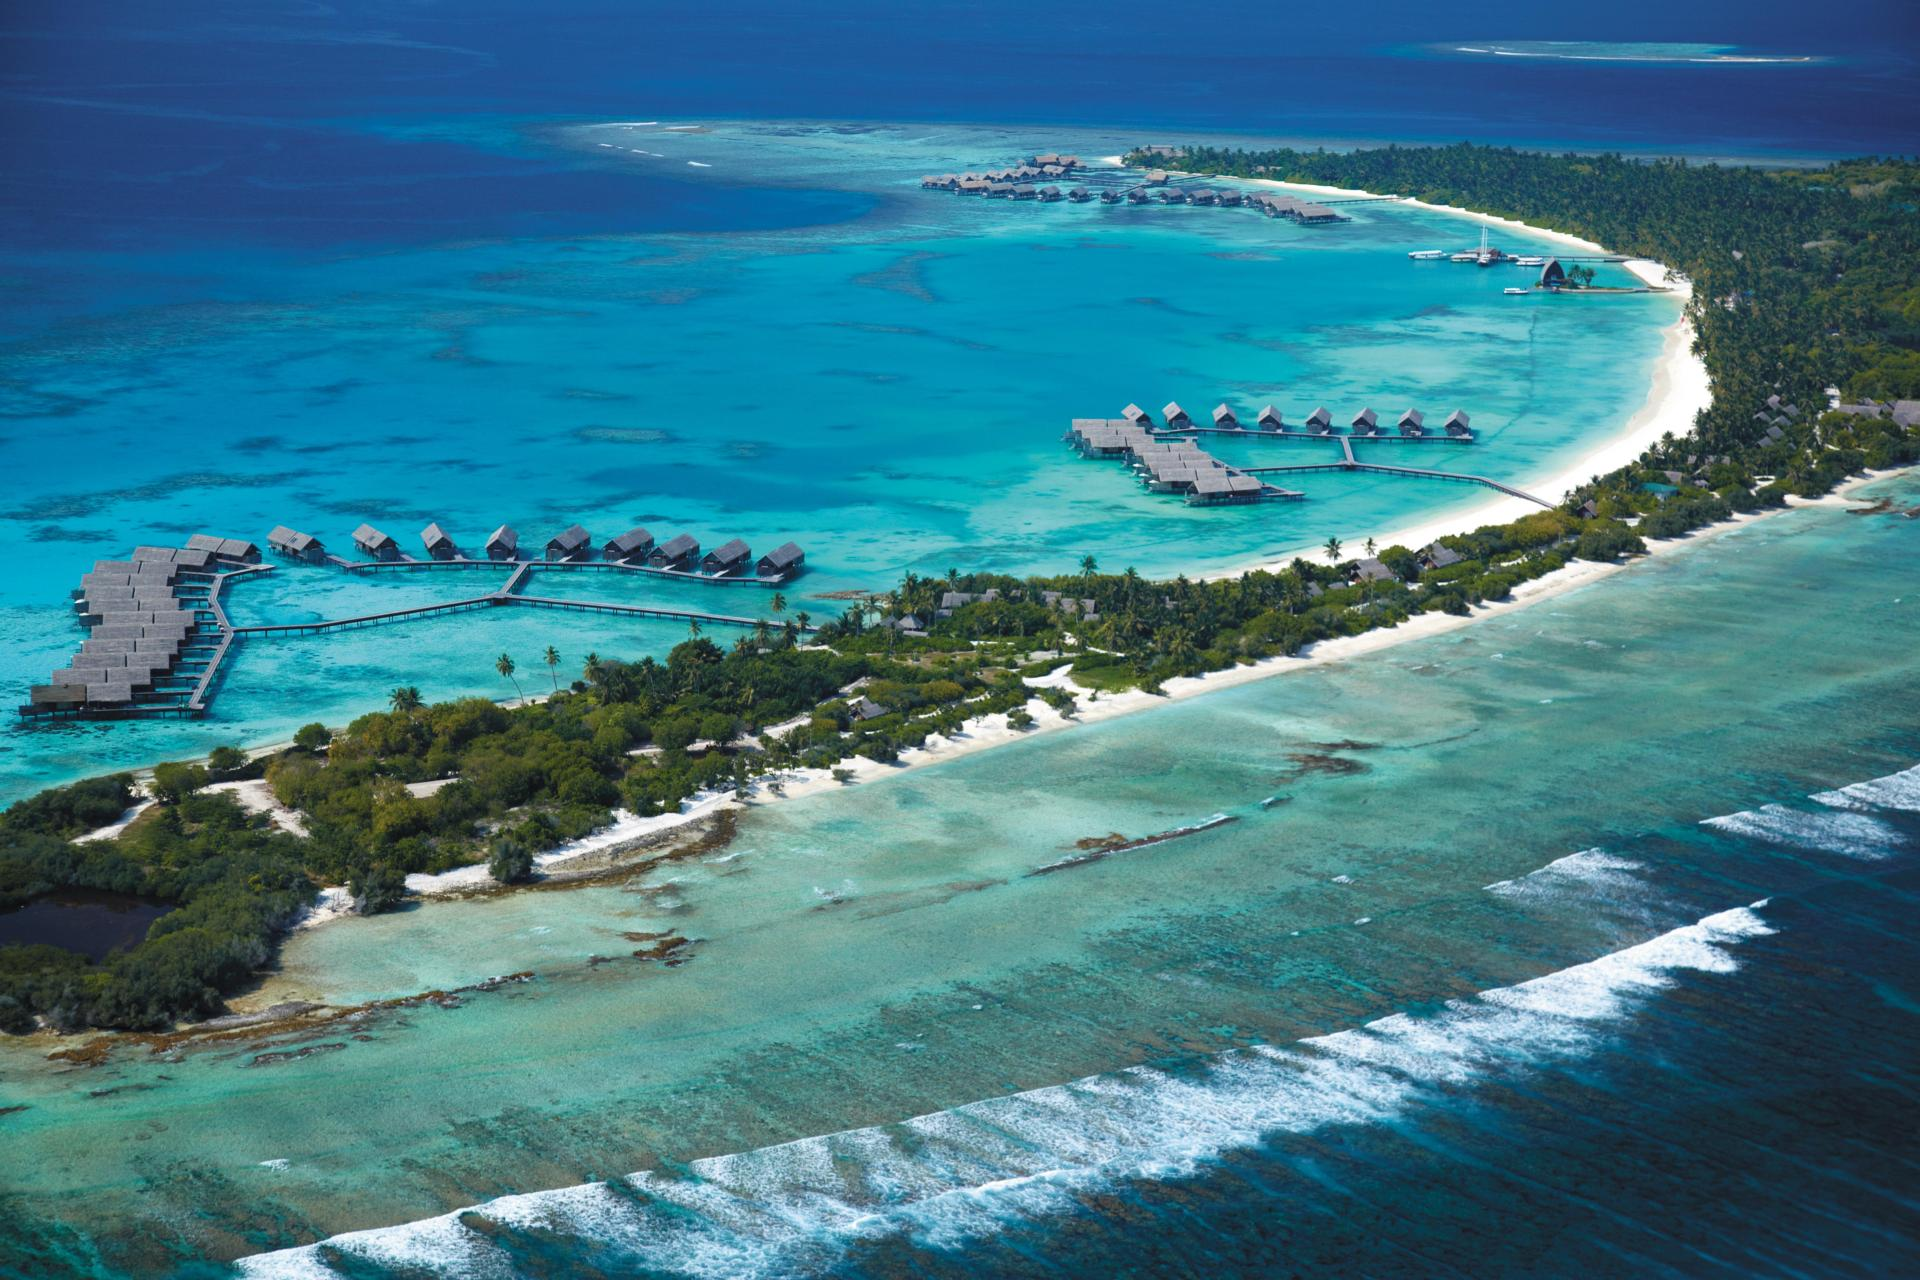 مرحبا بكم في المالديف